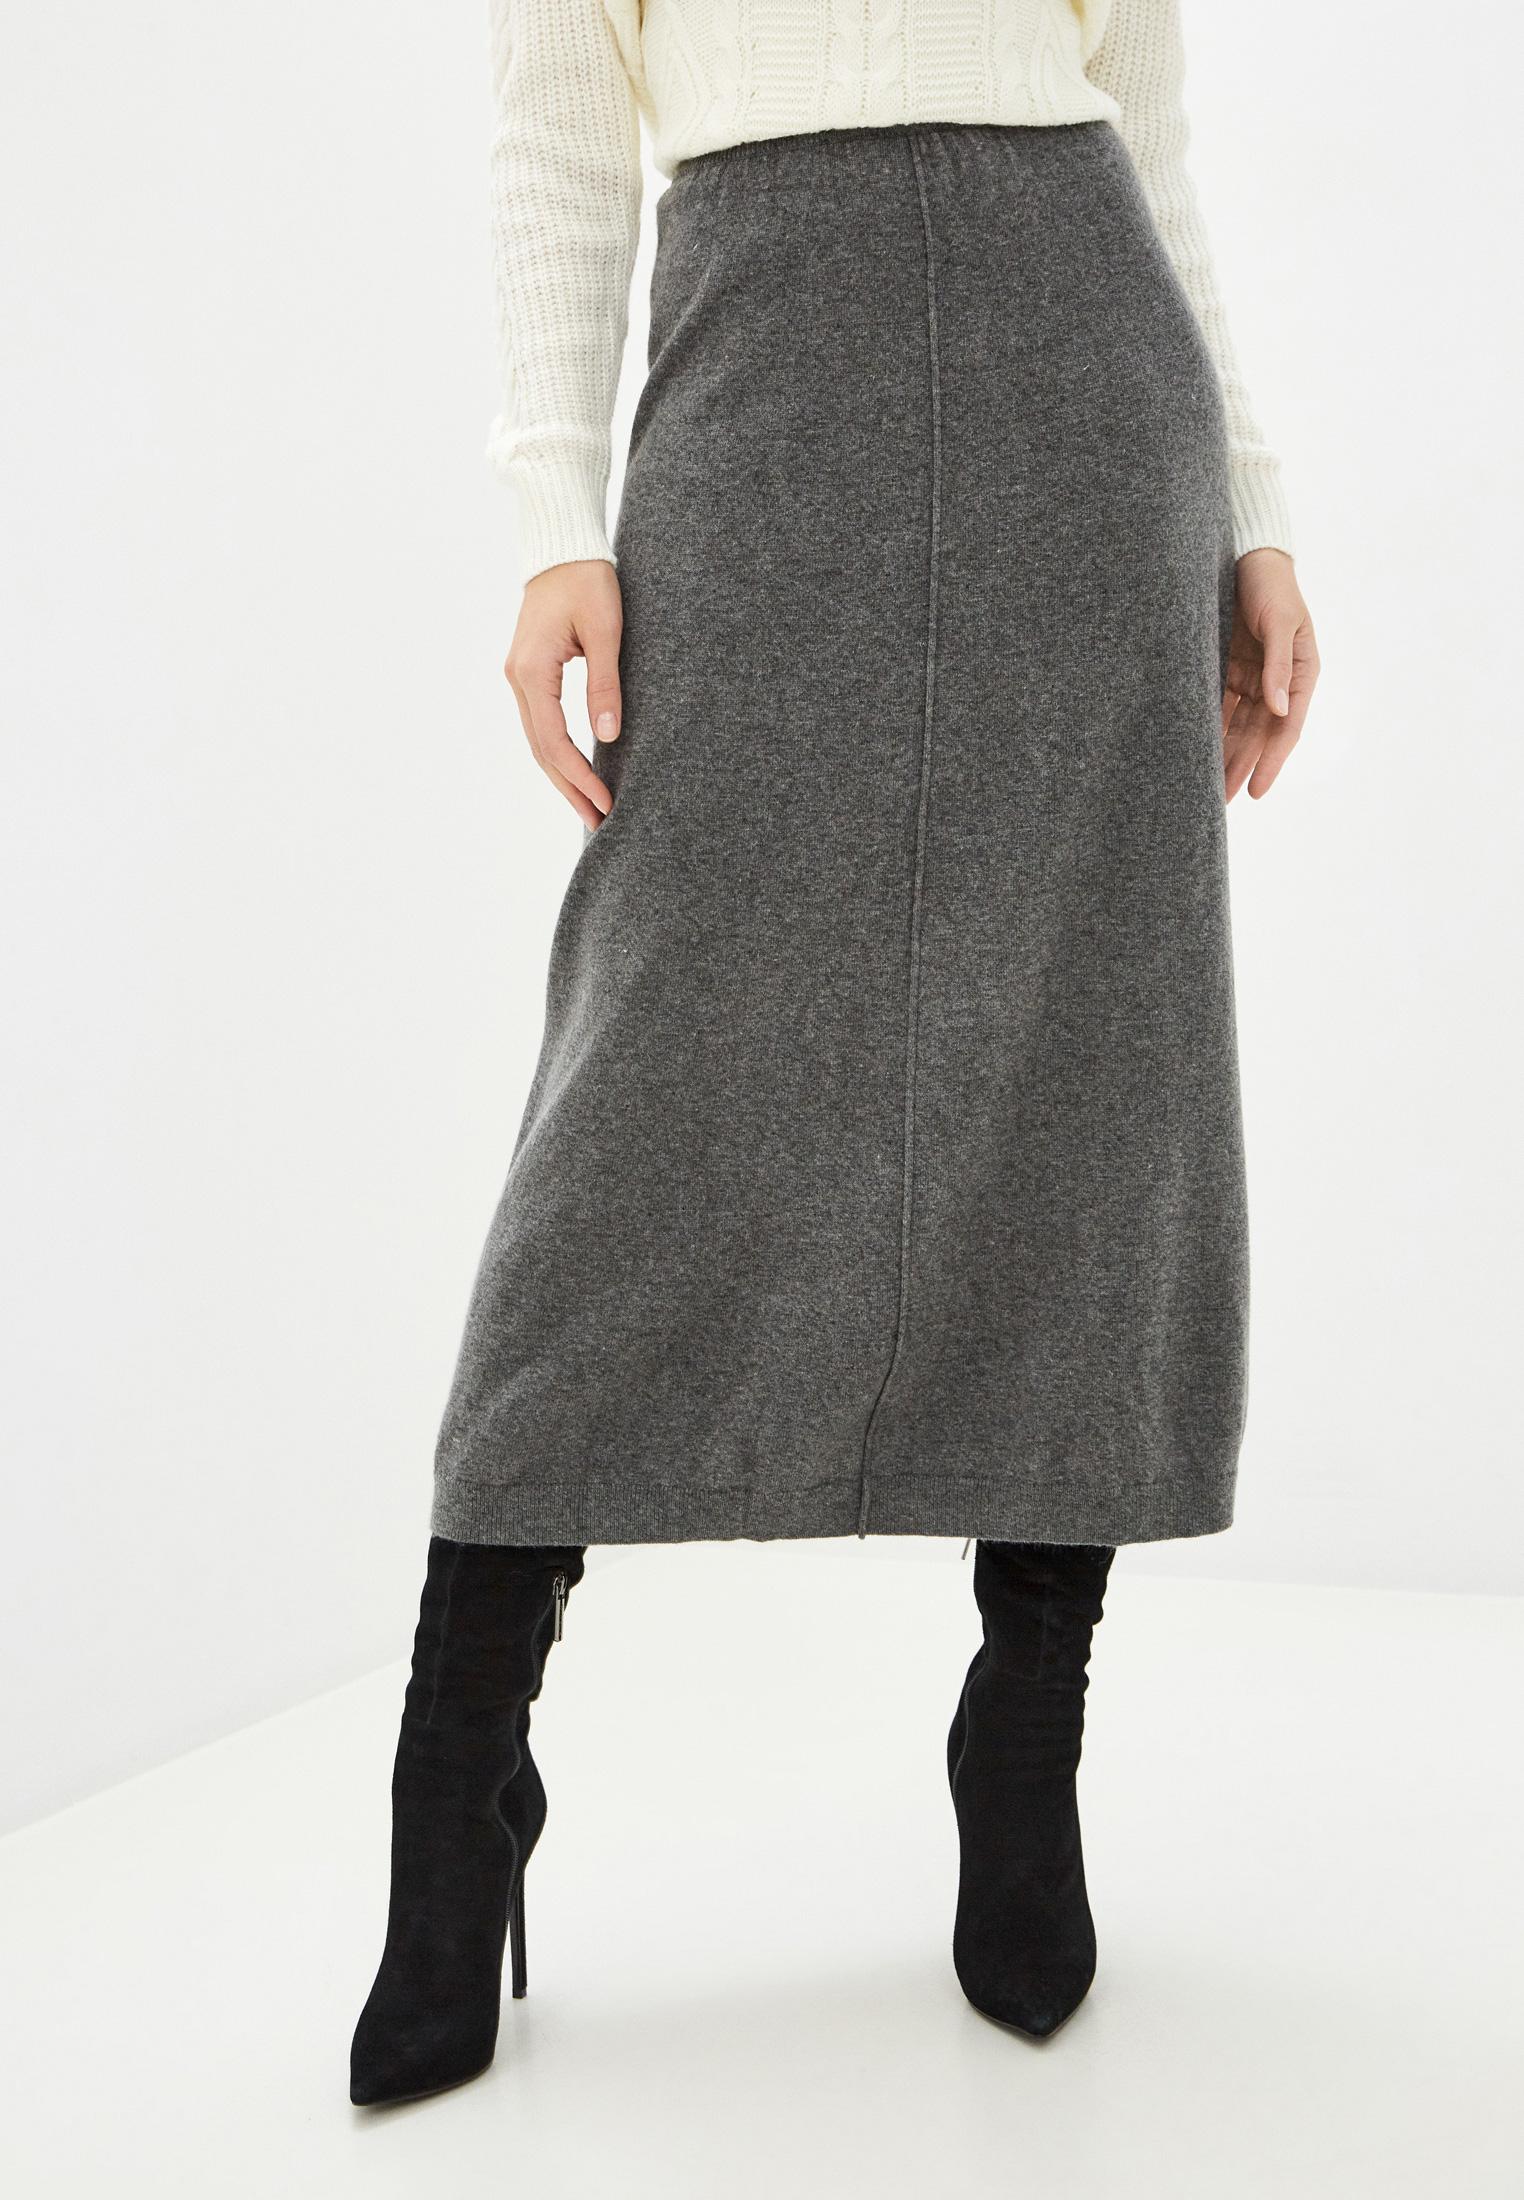 Широкая юбка Assuili Юбка Assuili